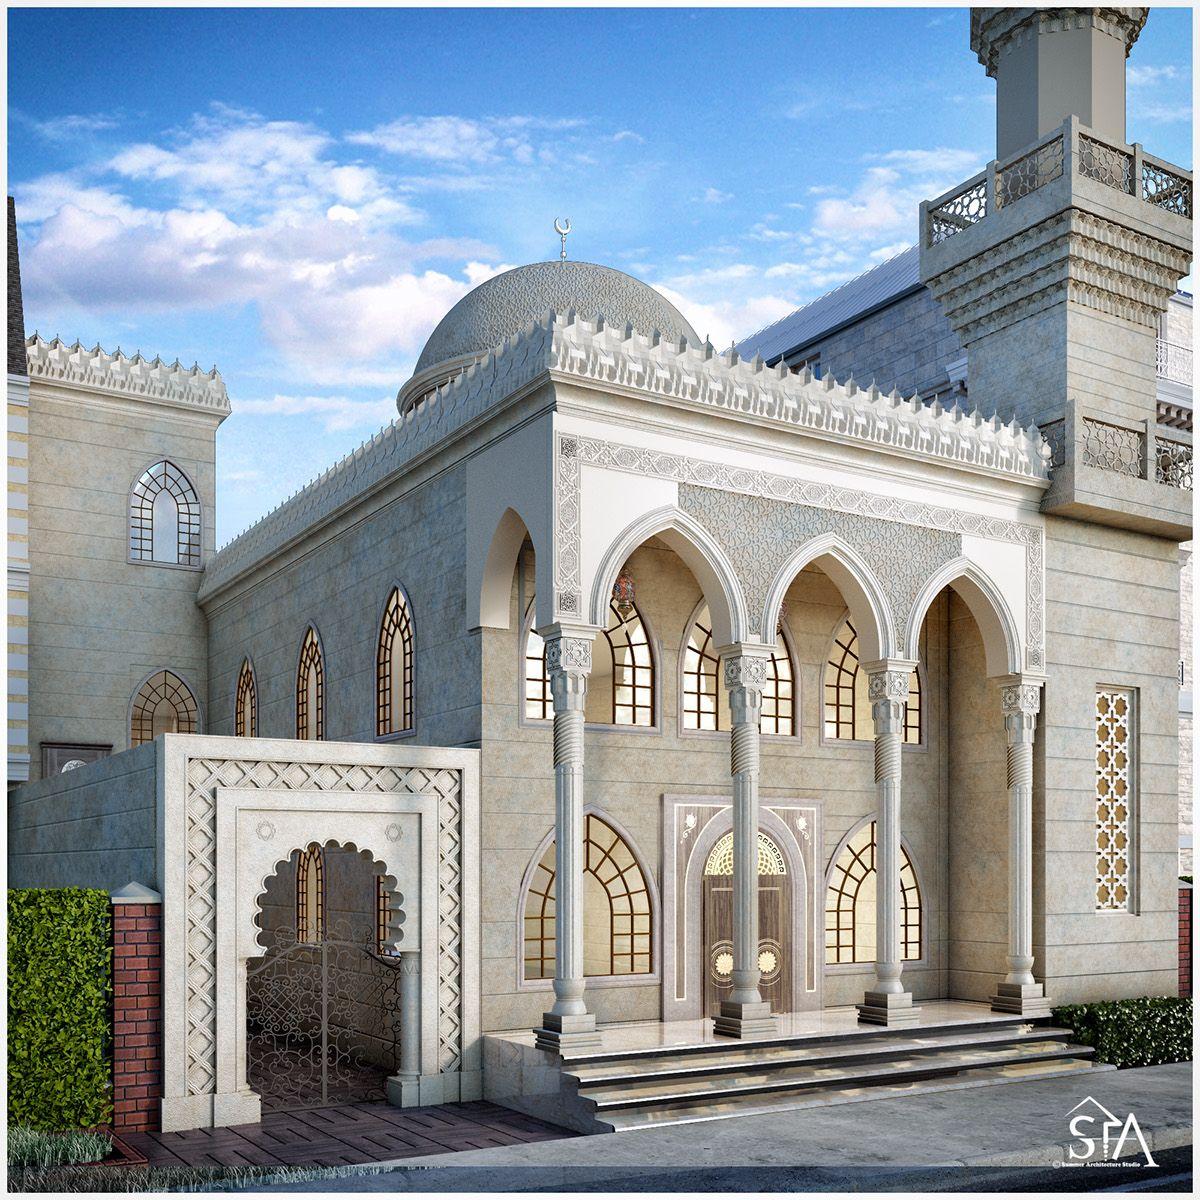 чем план постройки мечети красивый фото коллекция бриллиантов